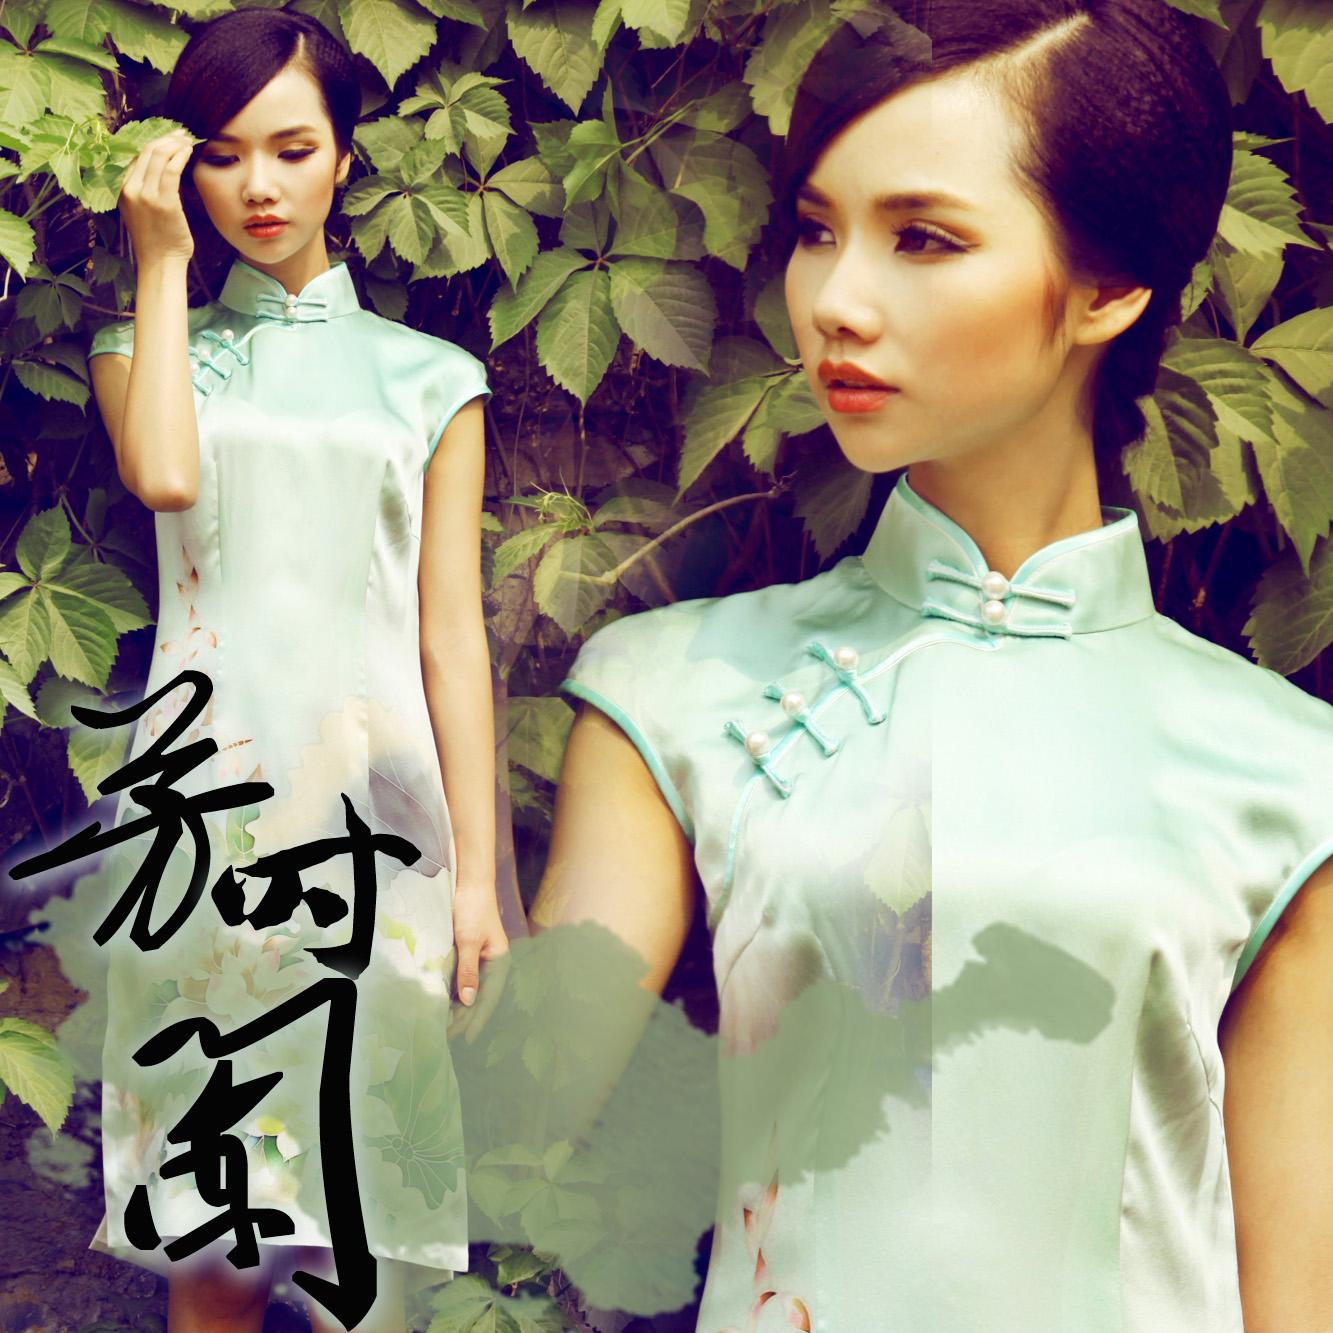 芳时阑红馆原创时尚真丝日常改良短款旗袍裙夏装淡蓝色水墨荷花